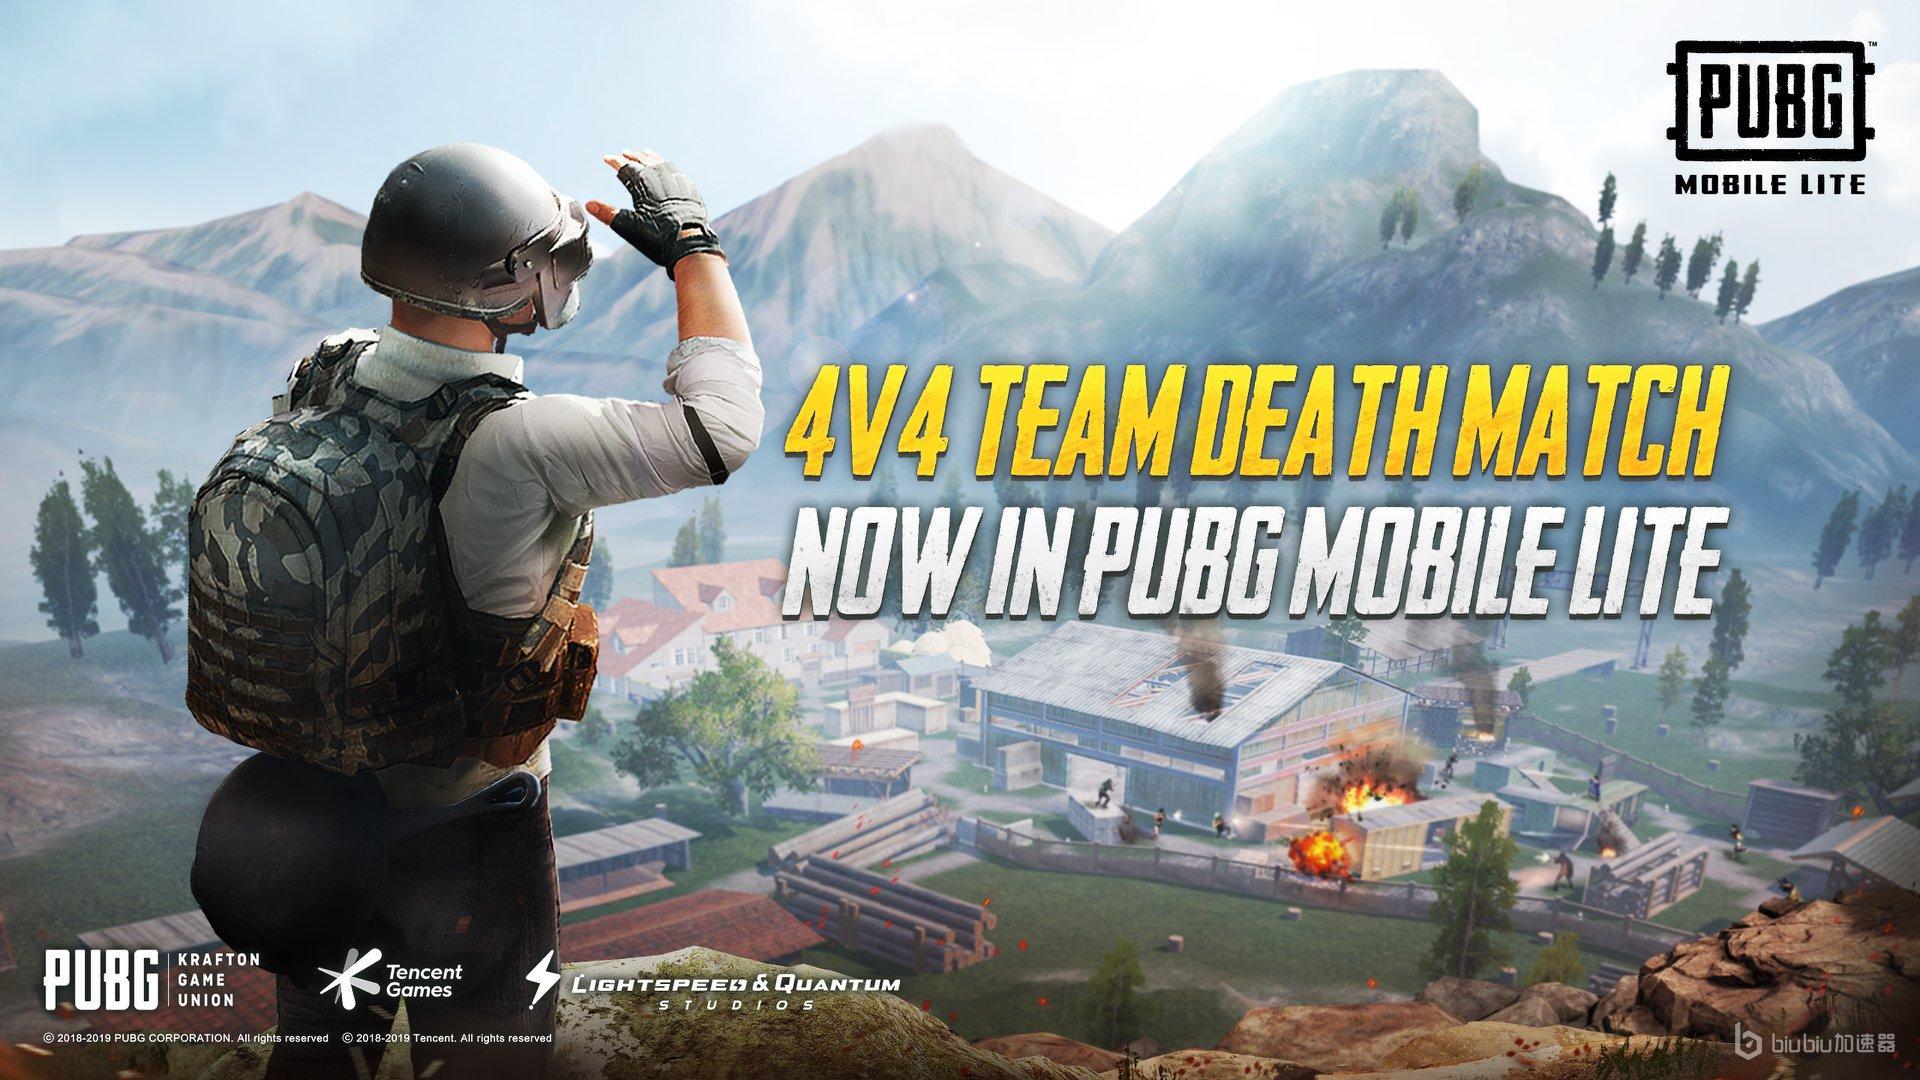 《PUBG MOBILE LITE》版本更新 团队竞技模式与兵团功能开启